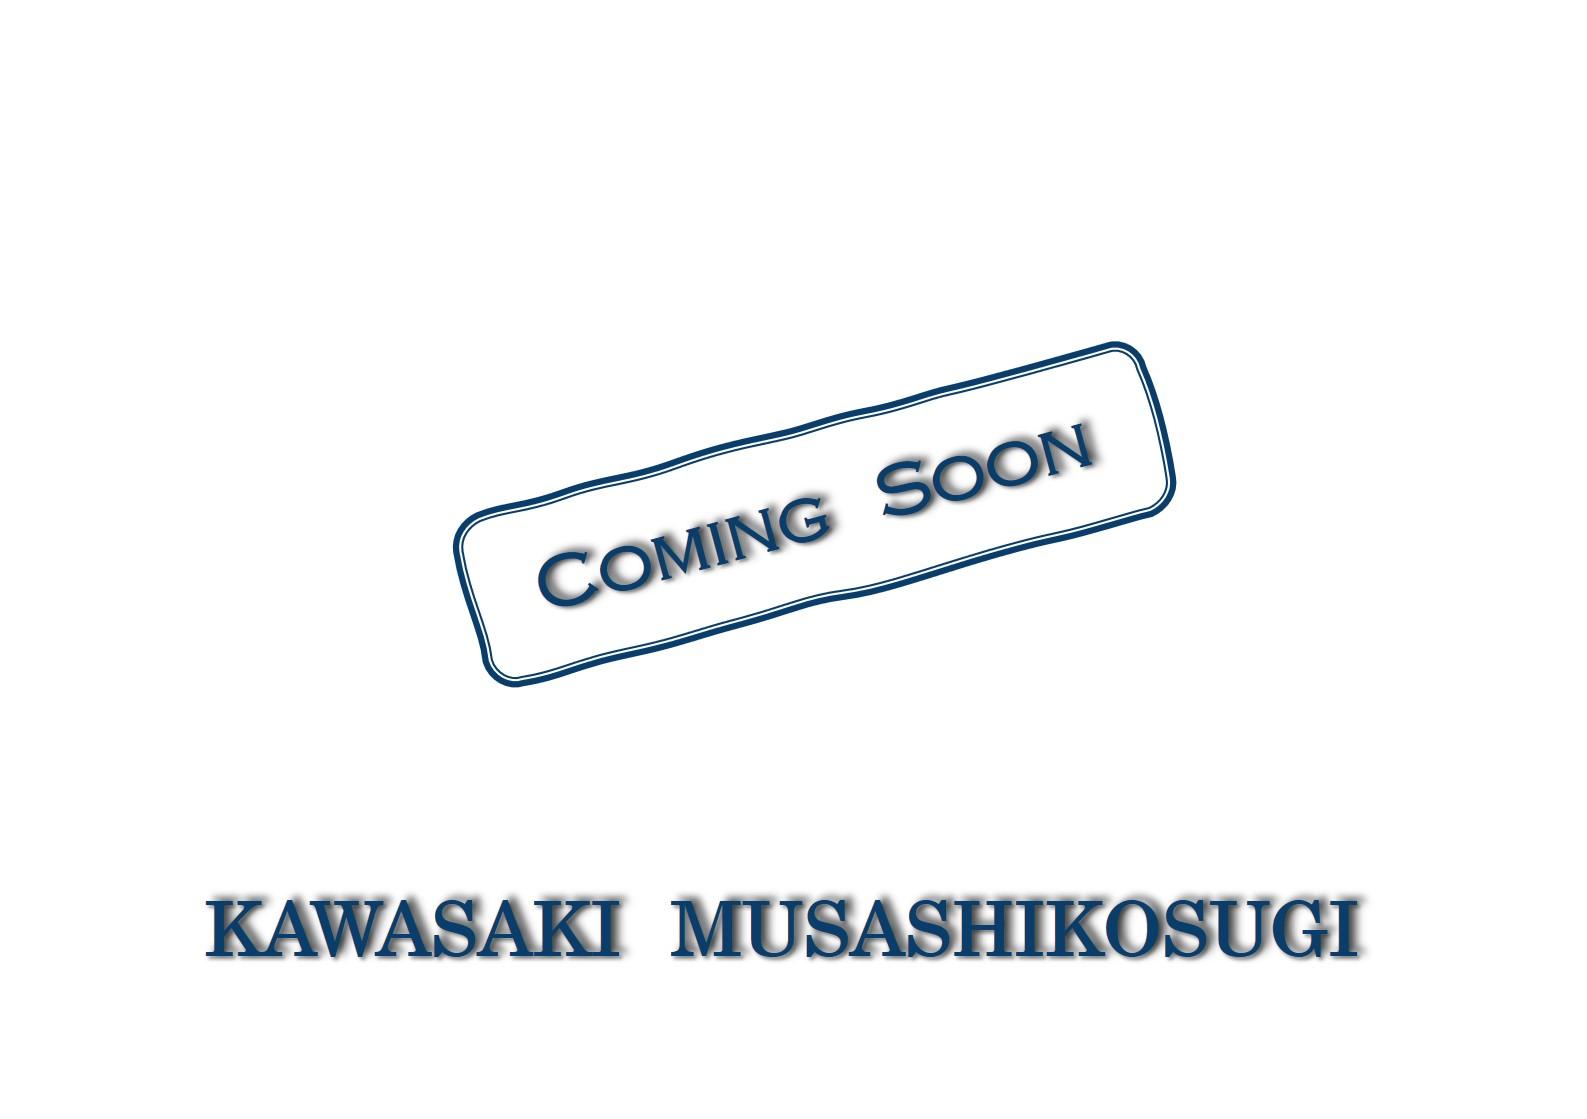 |KAWASAKI MUSASHIKOSUGI